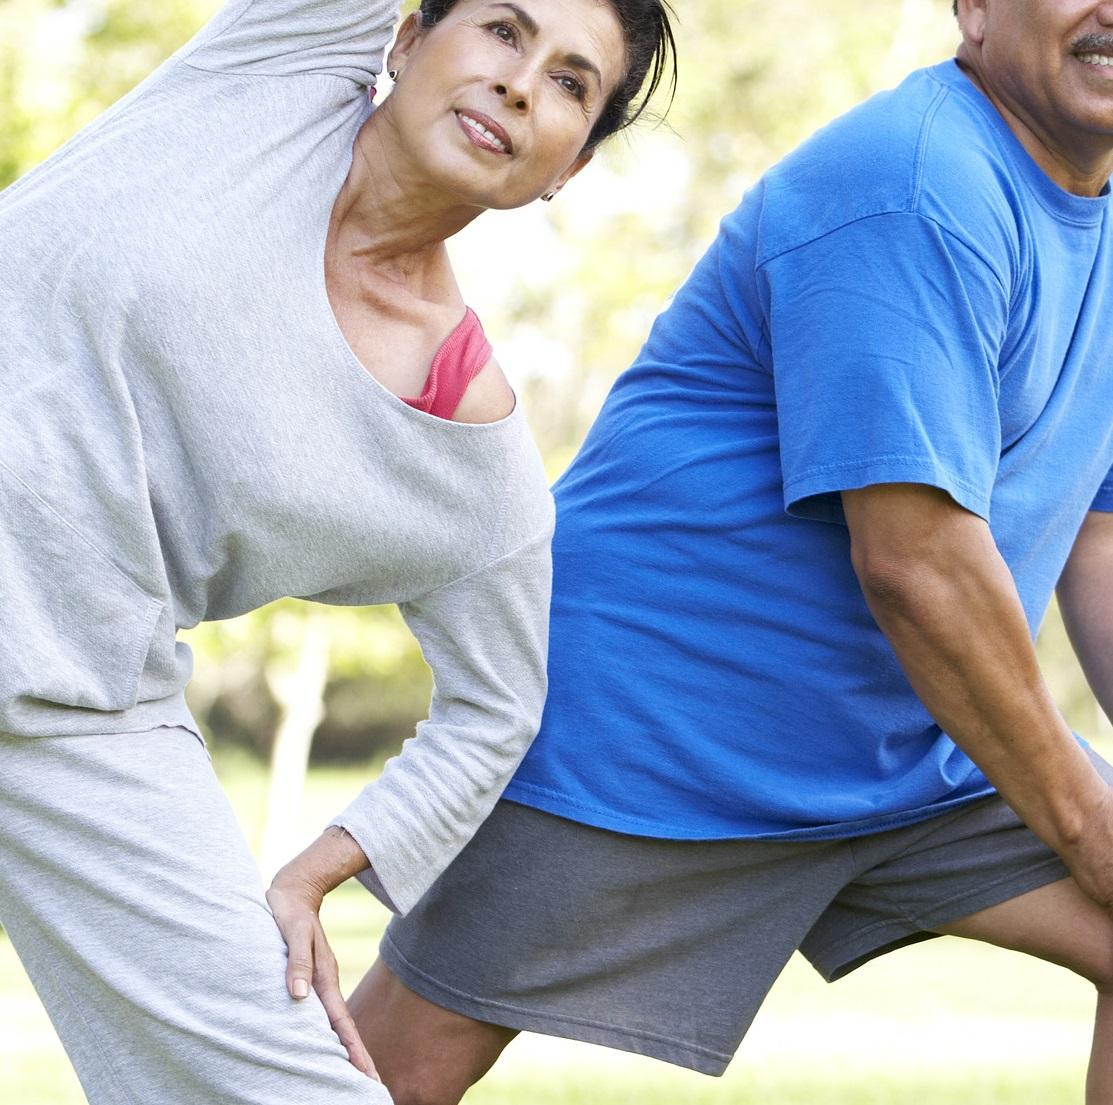 Exercícios físicos para prevenir quedas e fraturas em idosos na quarentena